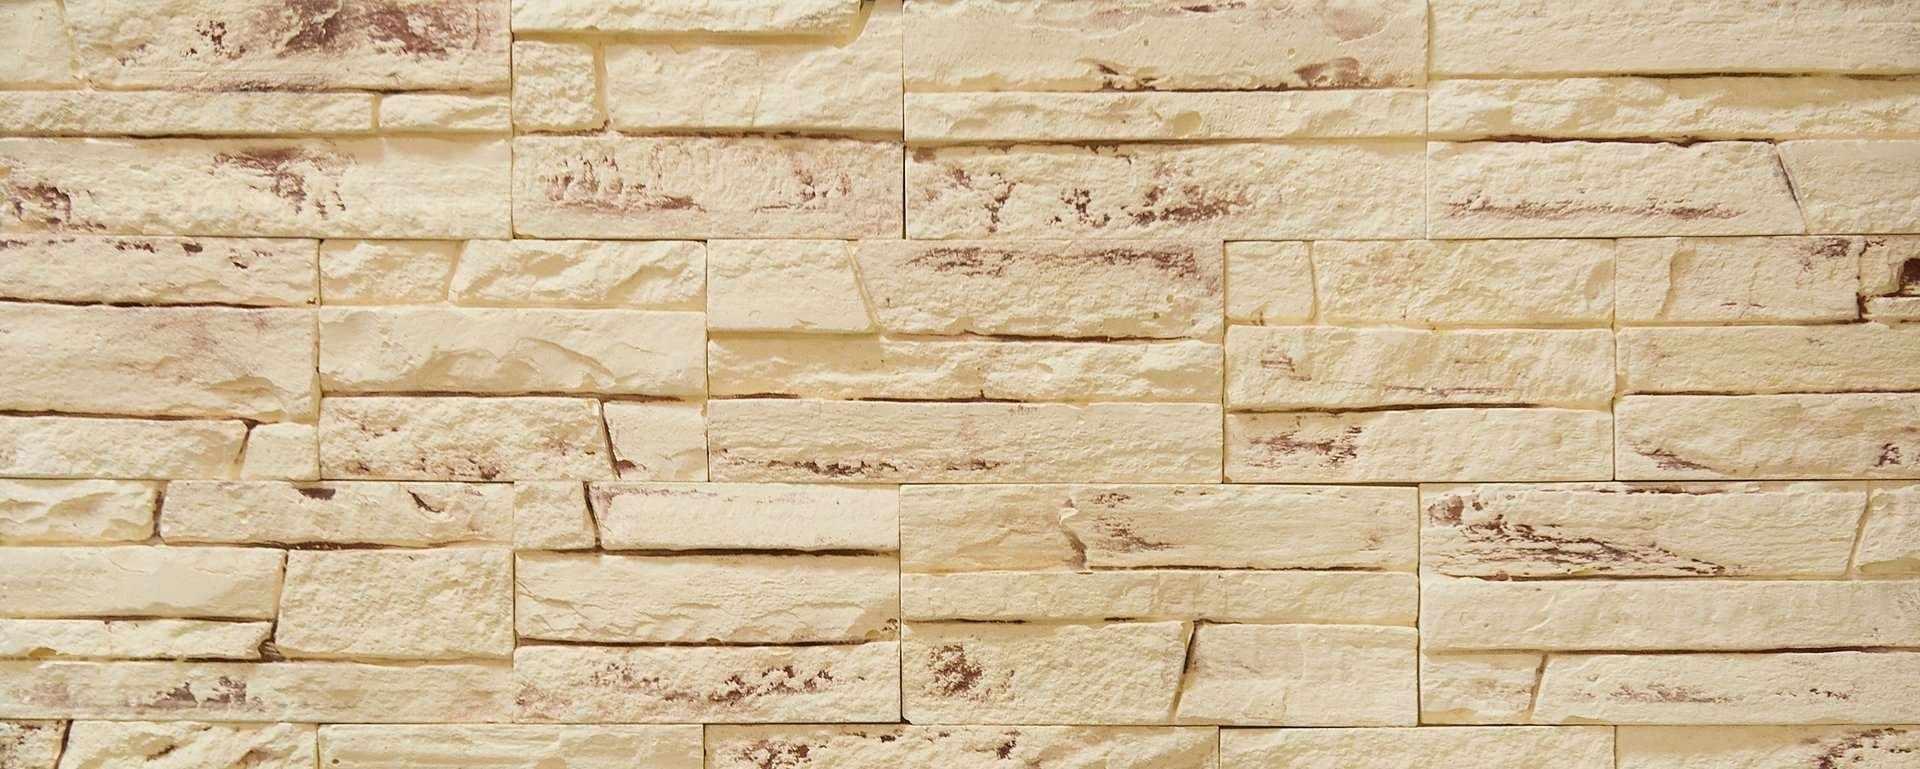 Окрашивание плитки под камень в массе